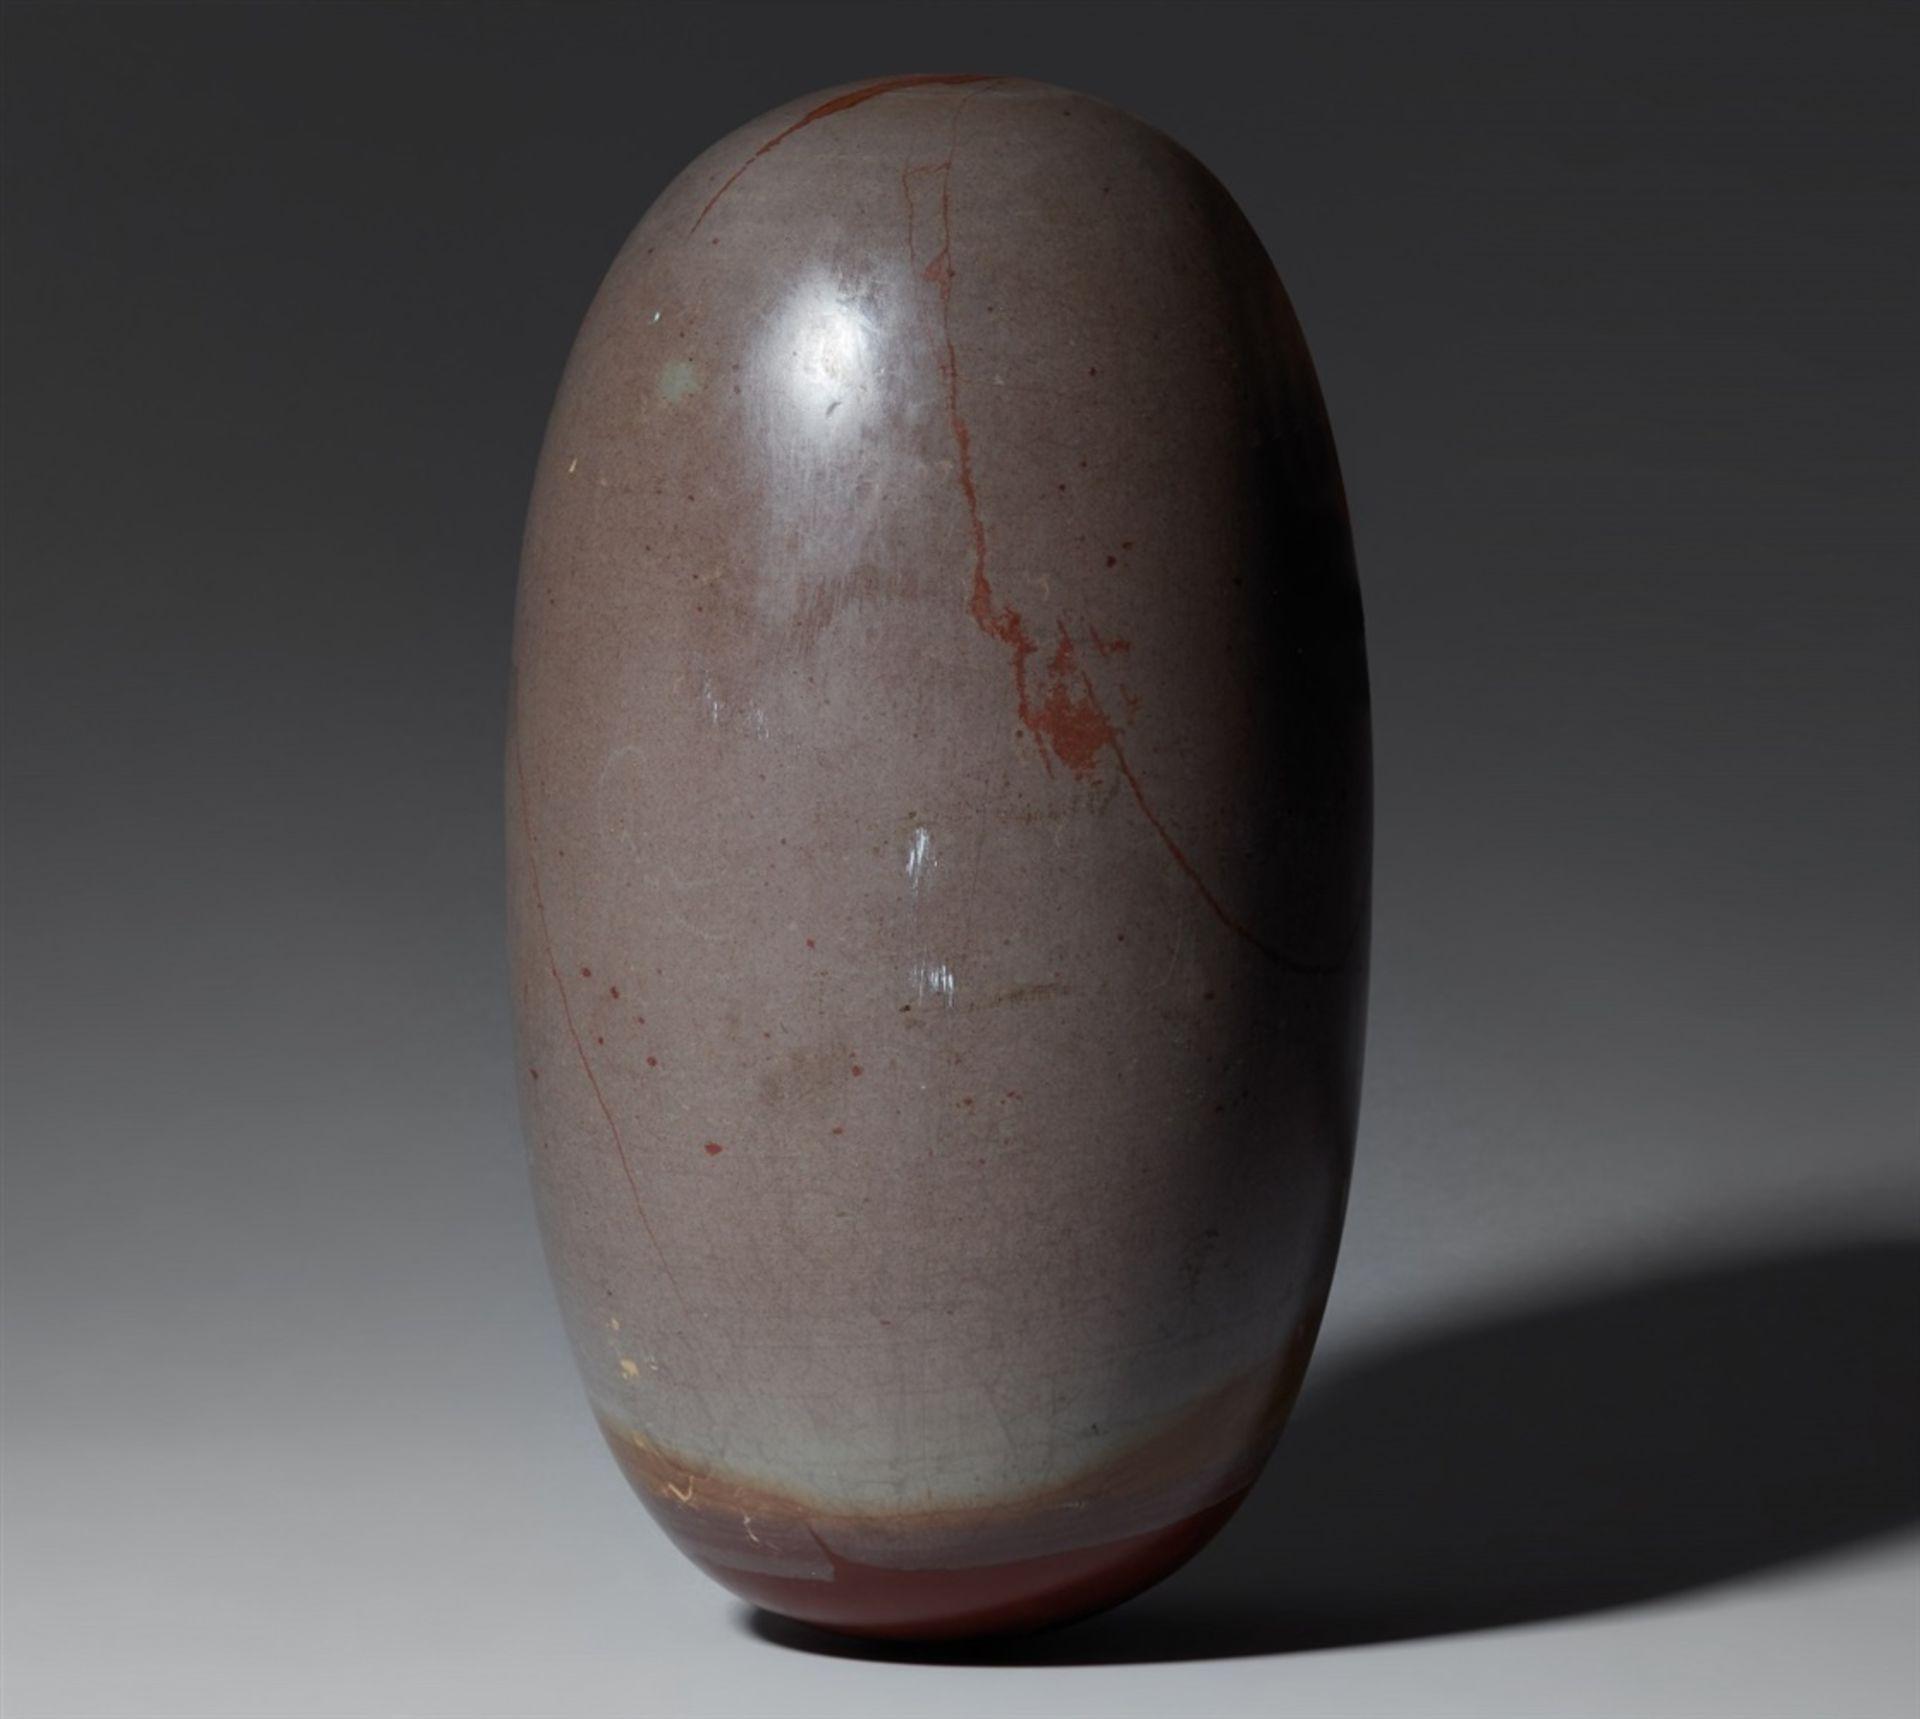 Großer svayambhu linga. Grauer Stein, möglicherweise Basalt, poliert. Zentral-Indien oder Nordo